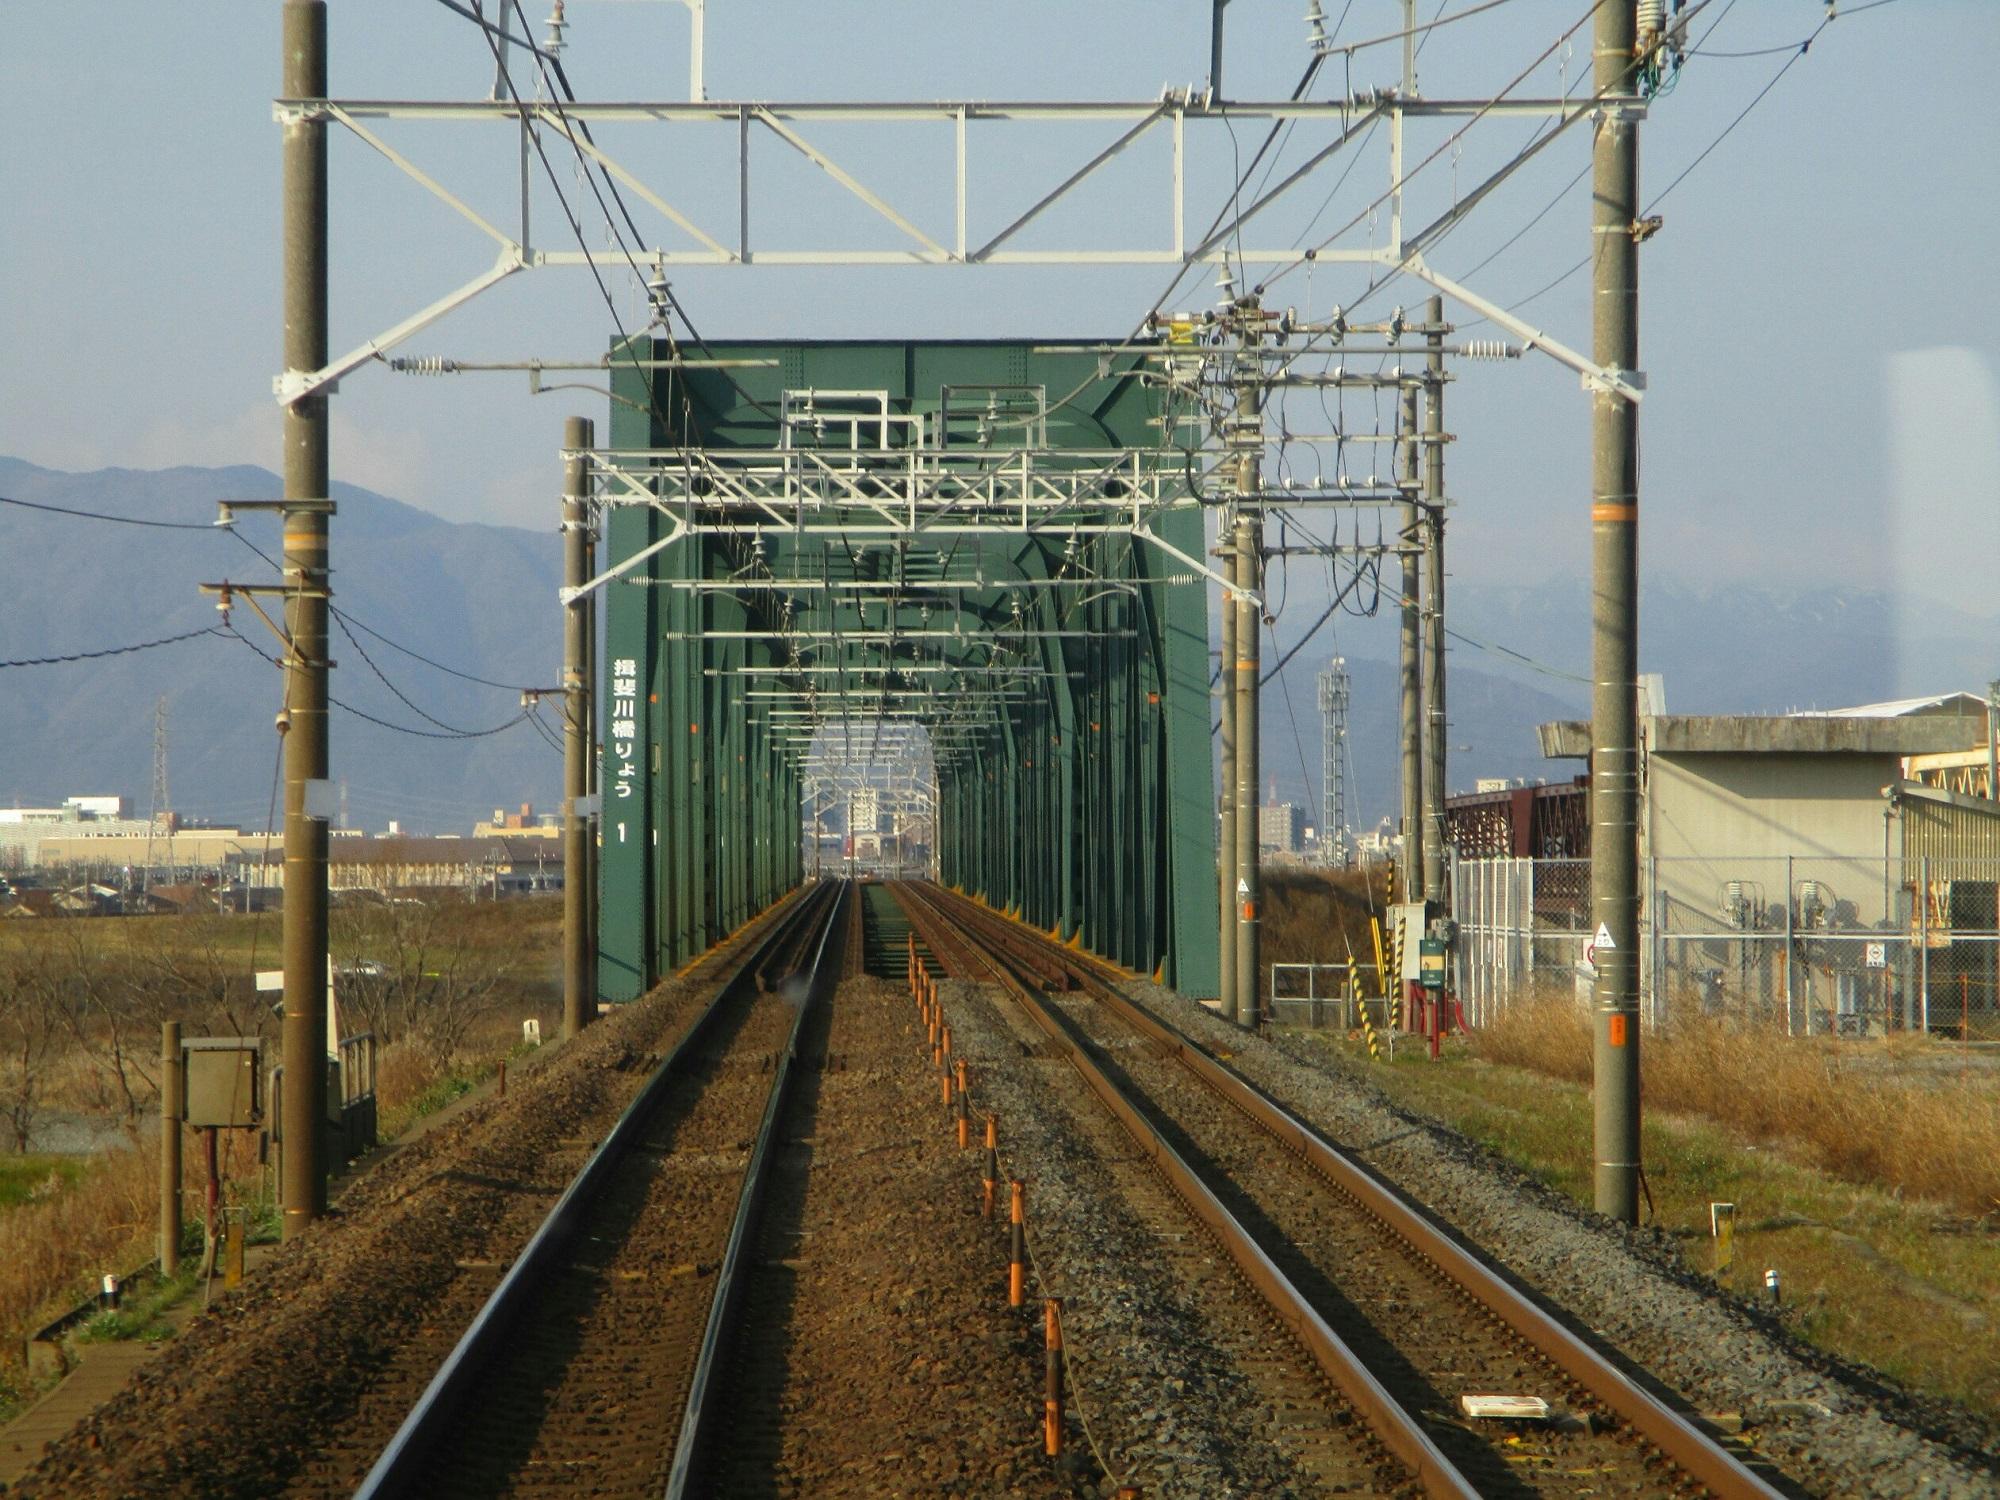 2019.3.1 (1) 大垣いき特別快速 - 揖斐川鉄橋 2000-1500